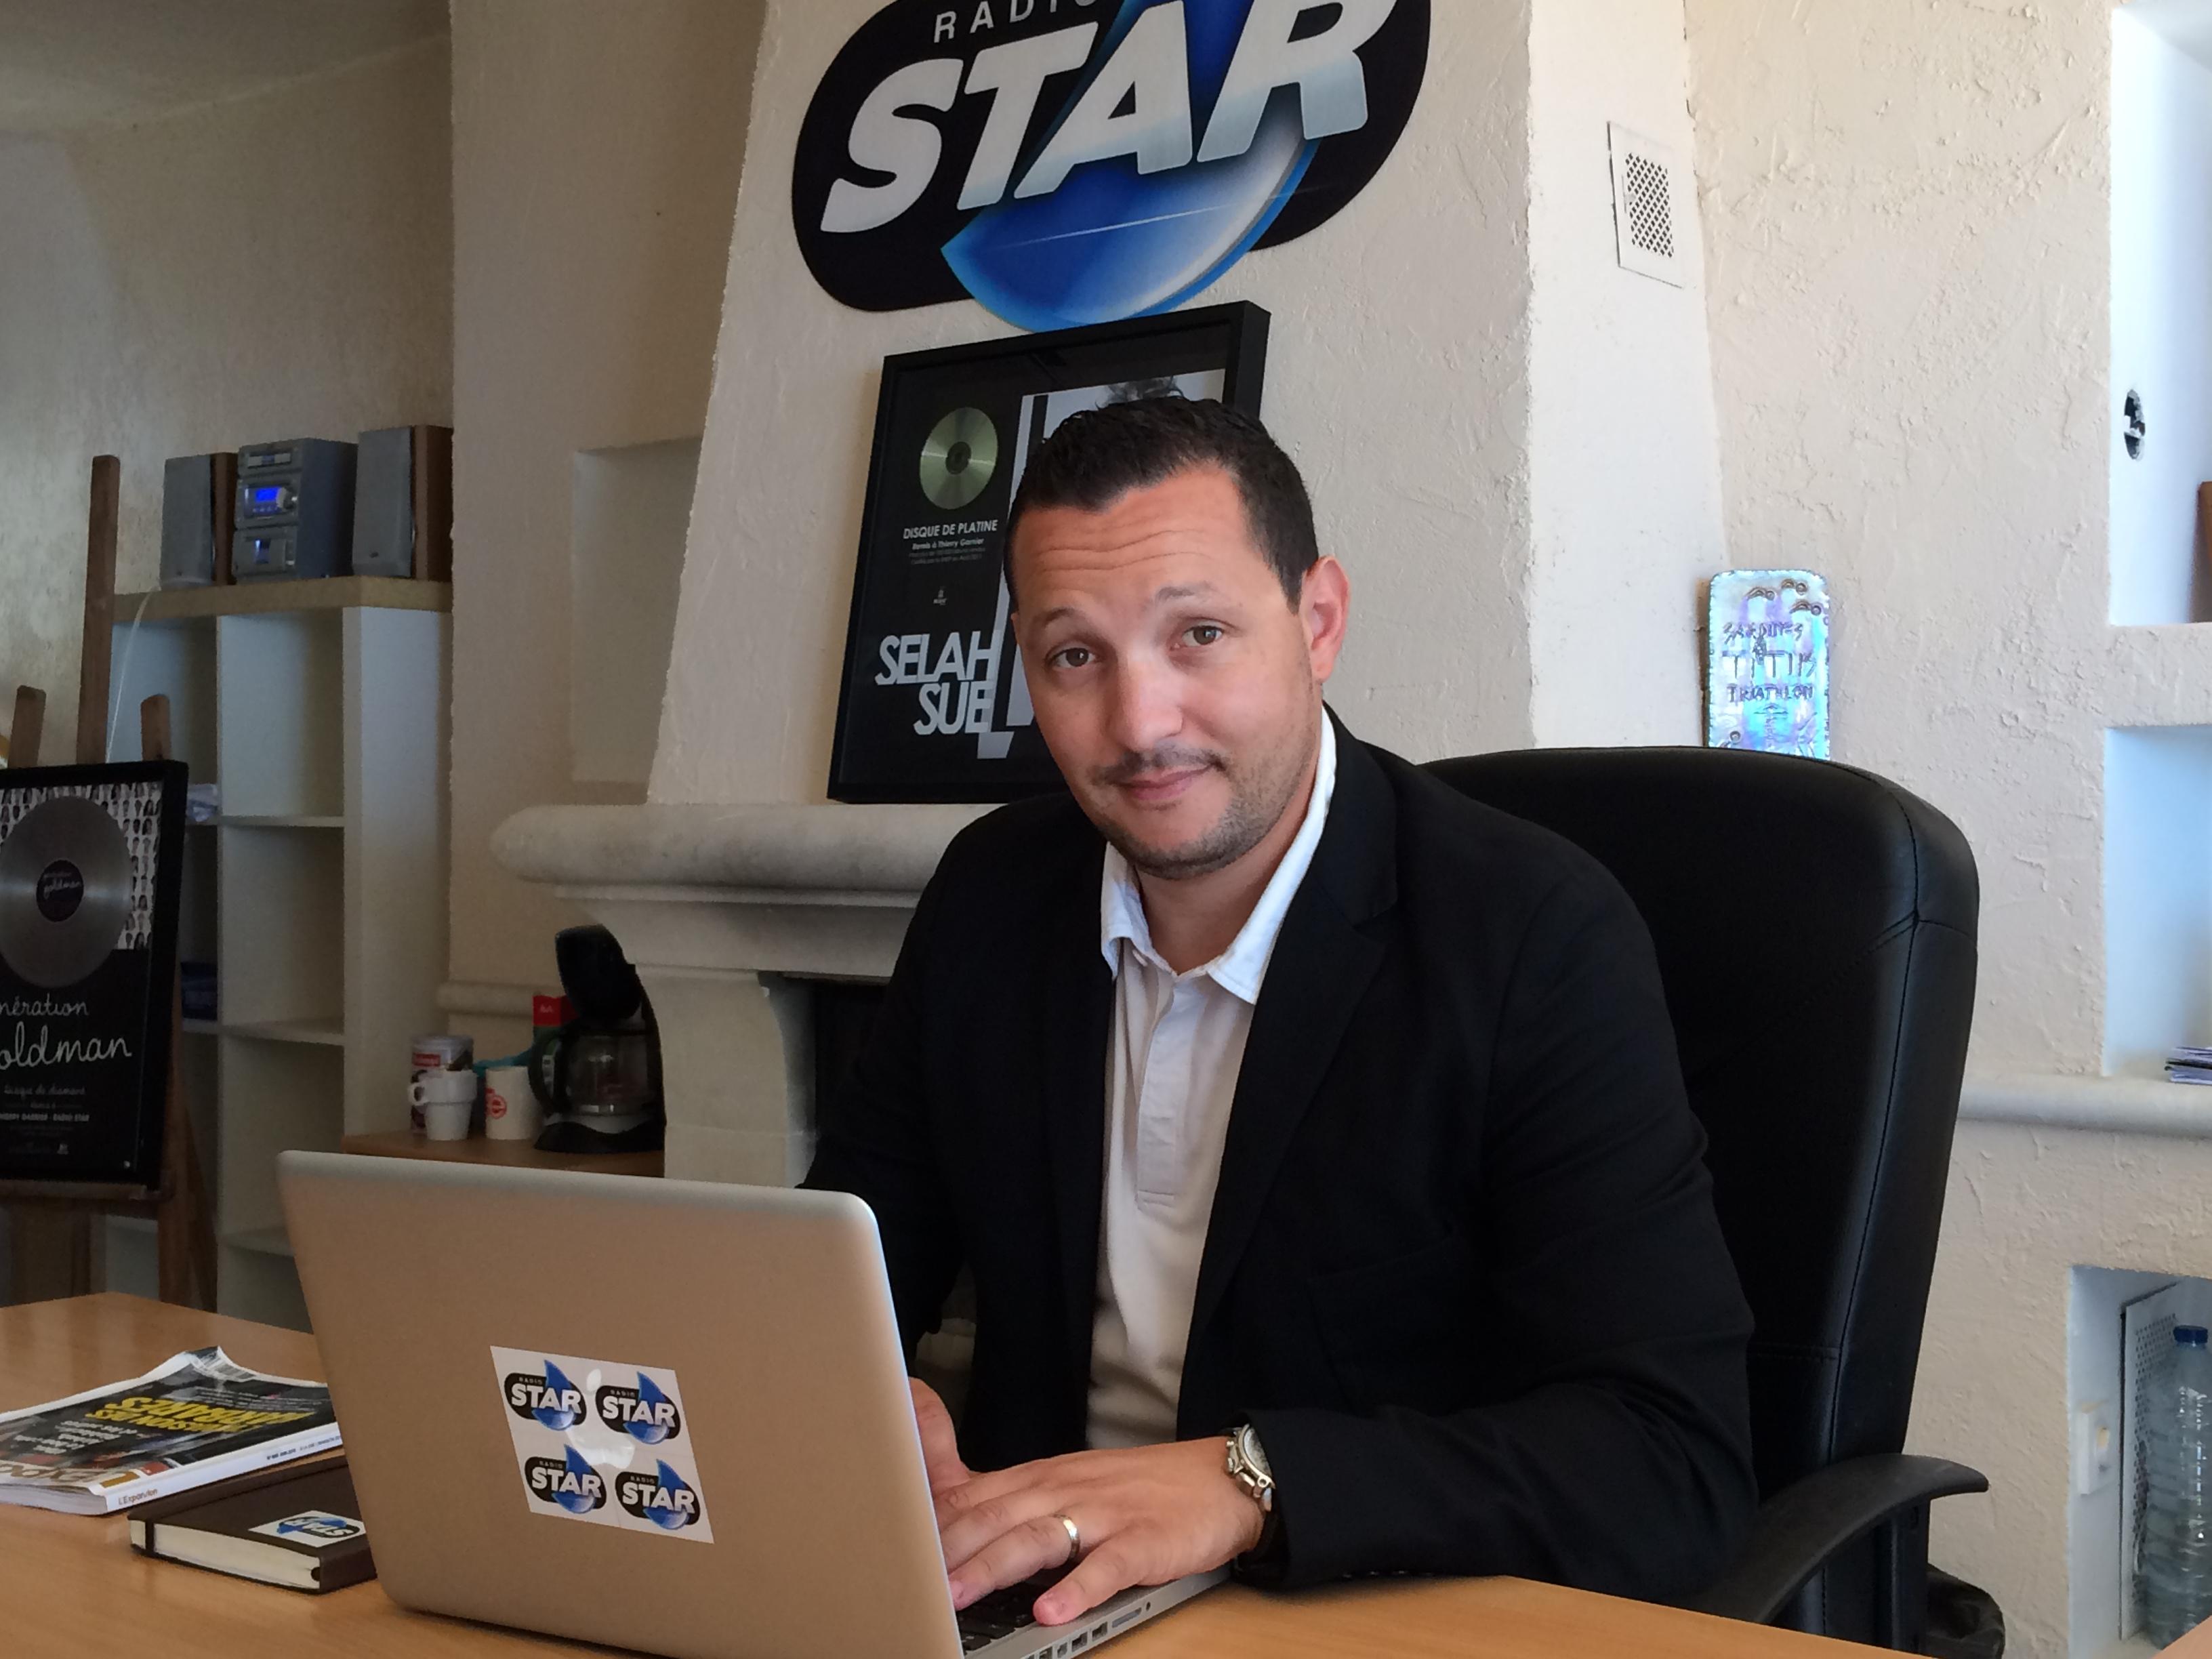 Karim Oudjane vient de prendre les rênes de Radio Star en tant que directeur général. Sa stratégie : Marseille, Marseille et encore Marseille.